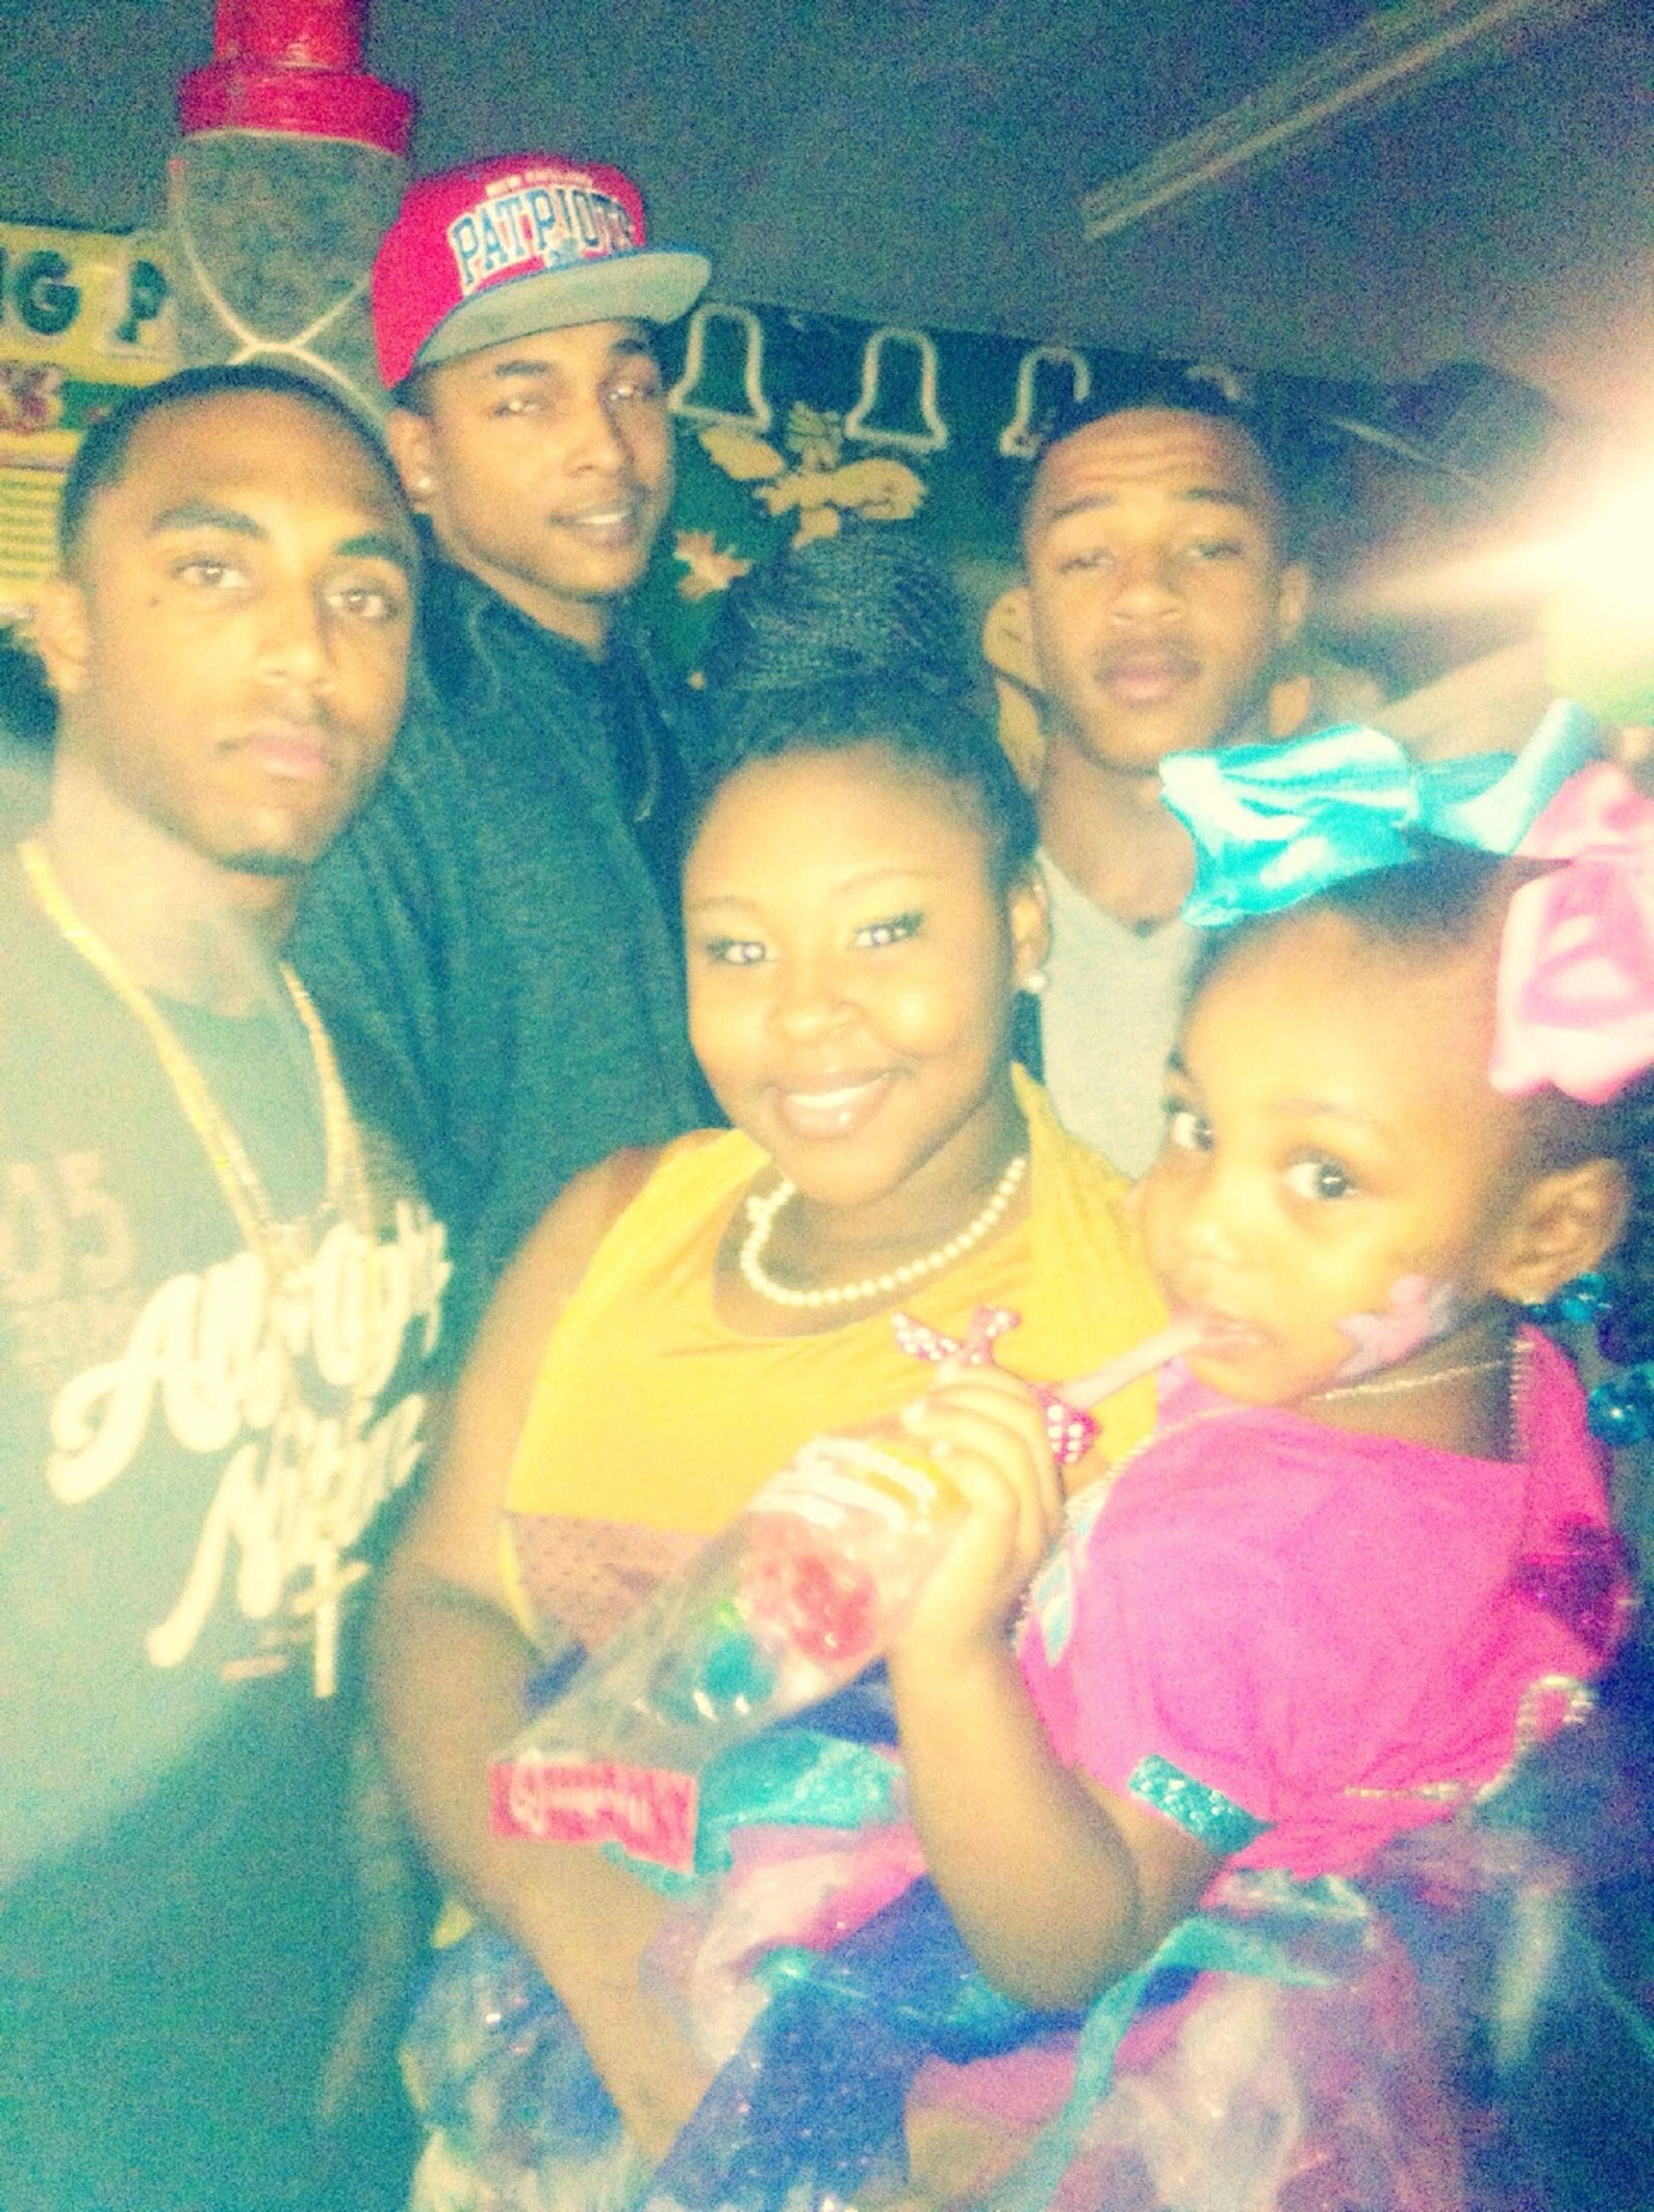 Me & My Fam .  .  . I Swear I Love My Bros